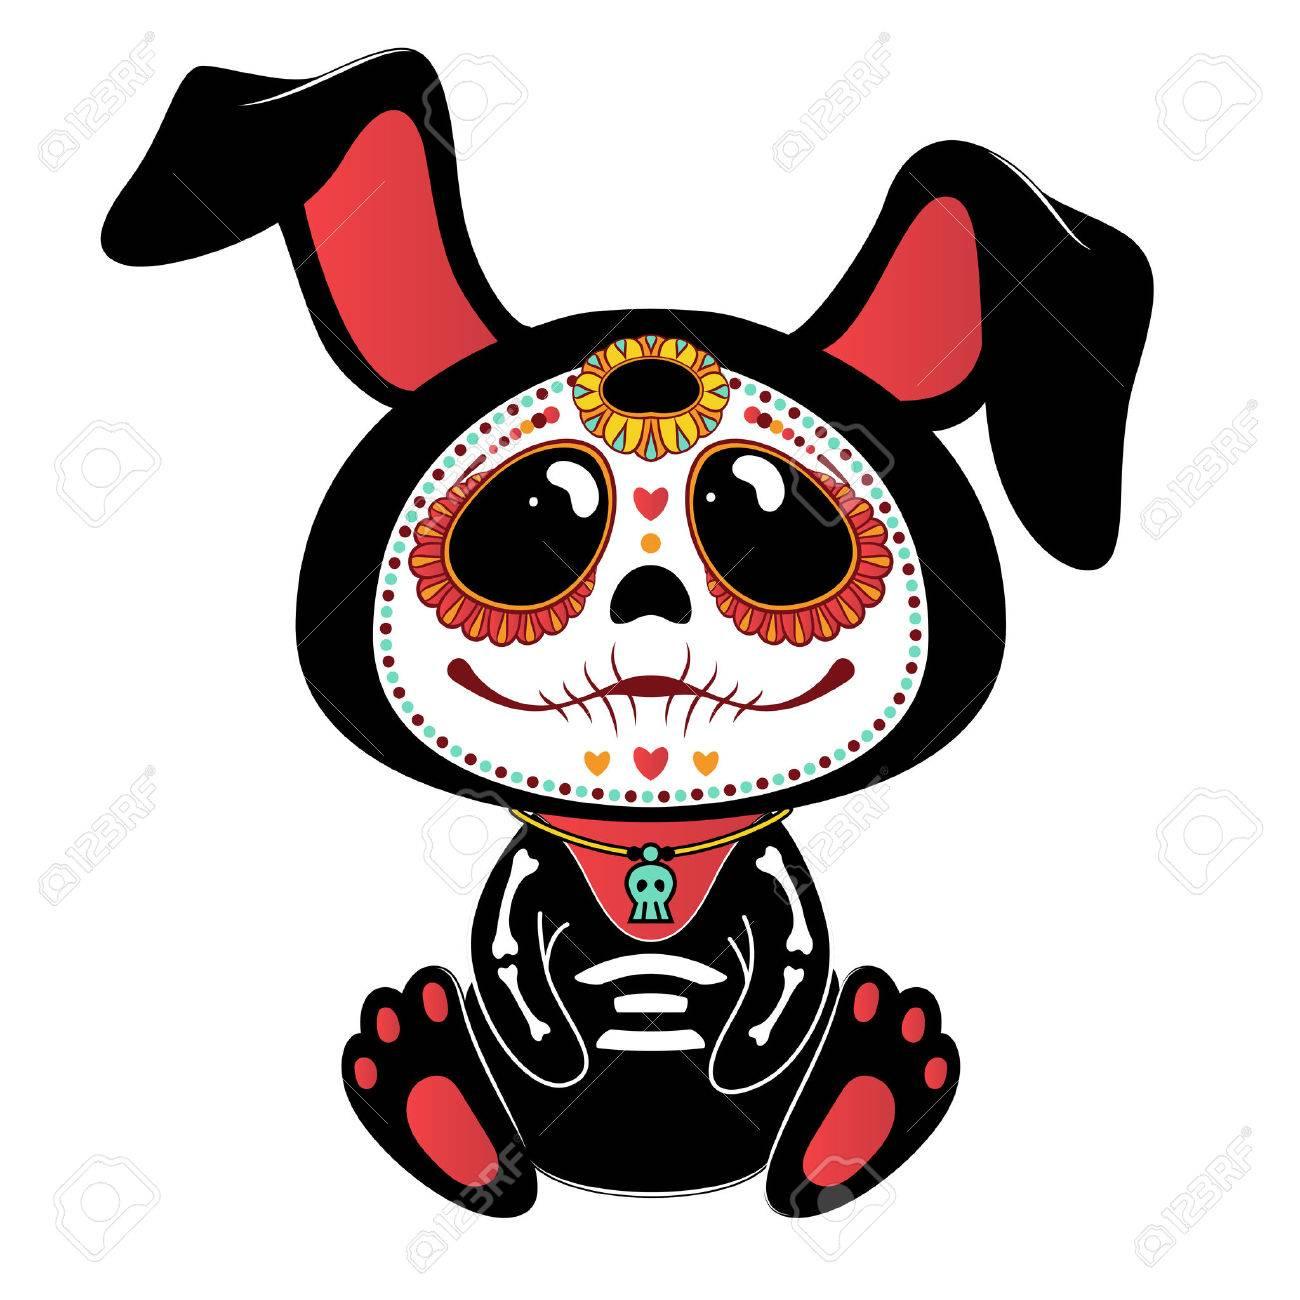 Day Of The Dead Dia De Los Muertos Style Bunny Stock Vector